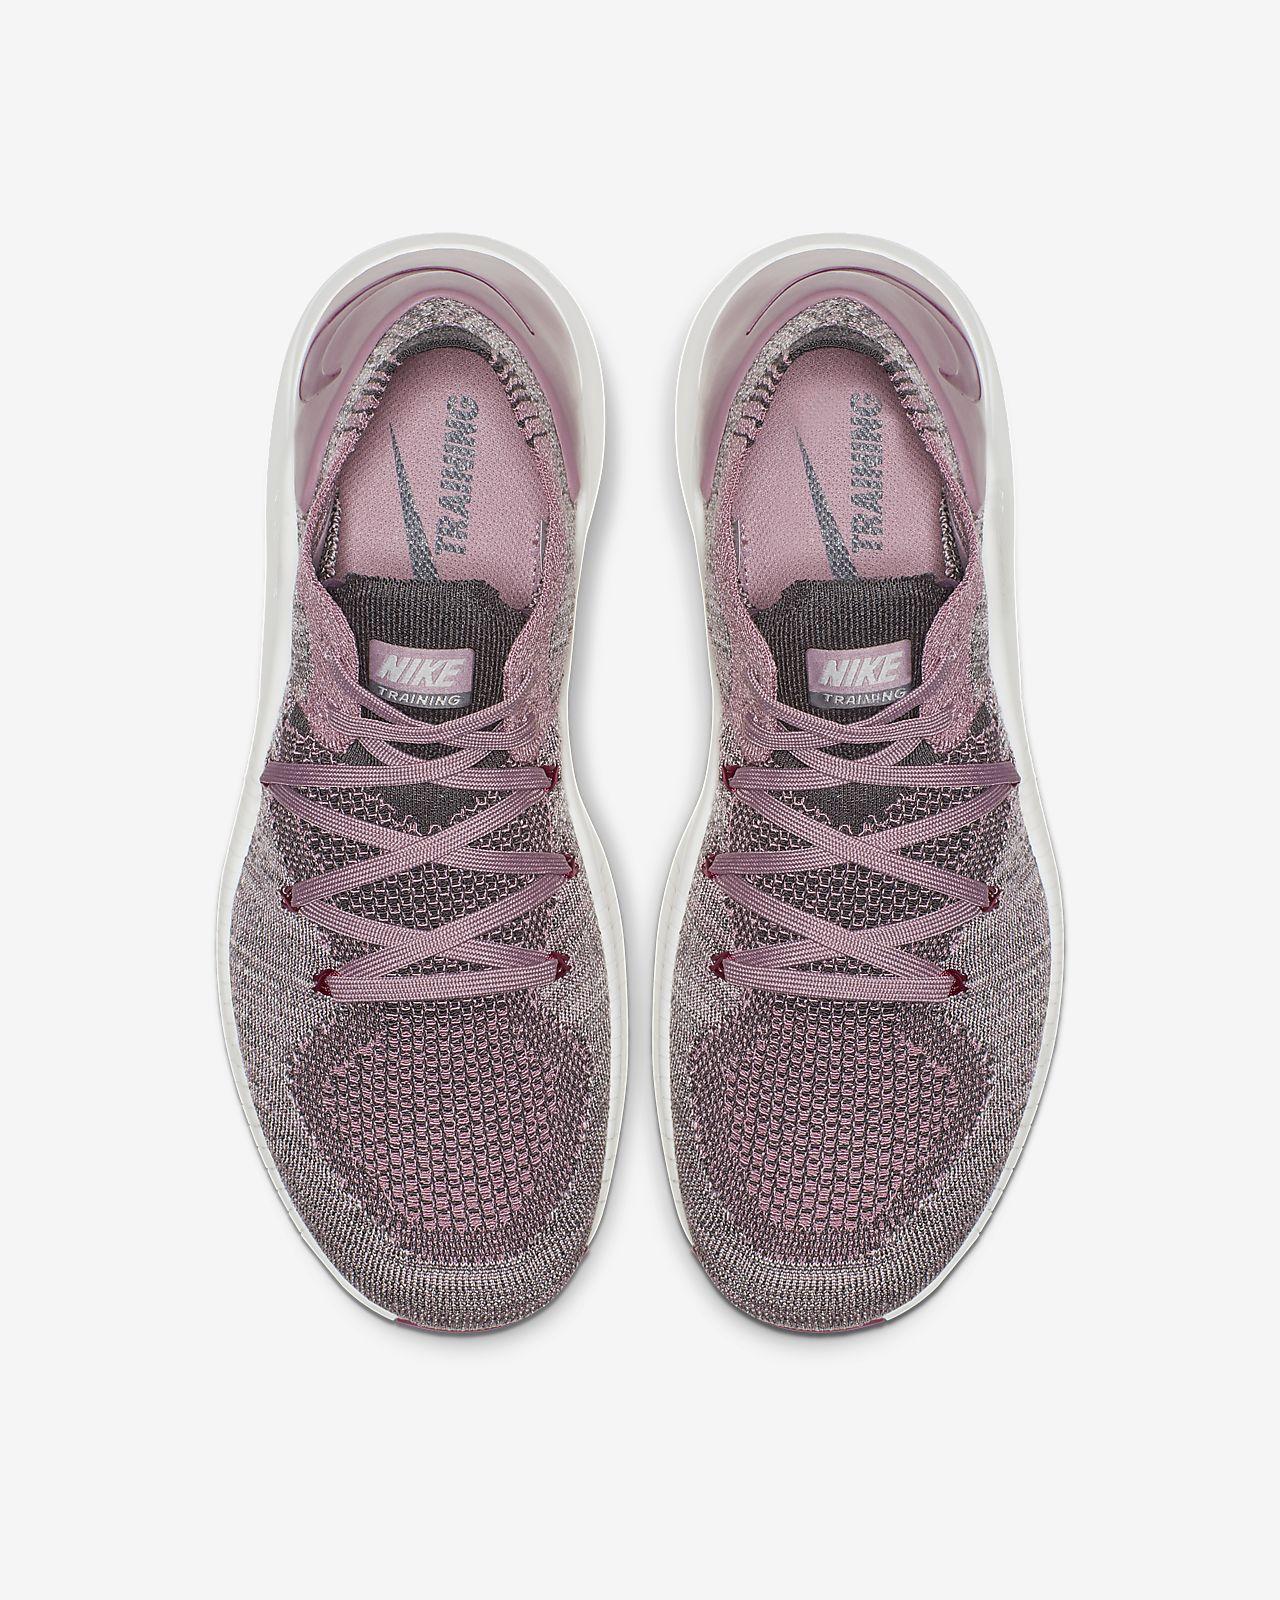 d0e78619a72 ... Calzado para mujer Nike Free TR Flyknit 3 para entrenamiento en el  gimnasio